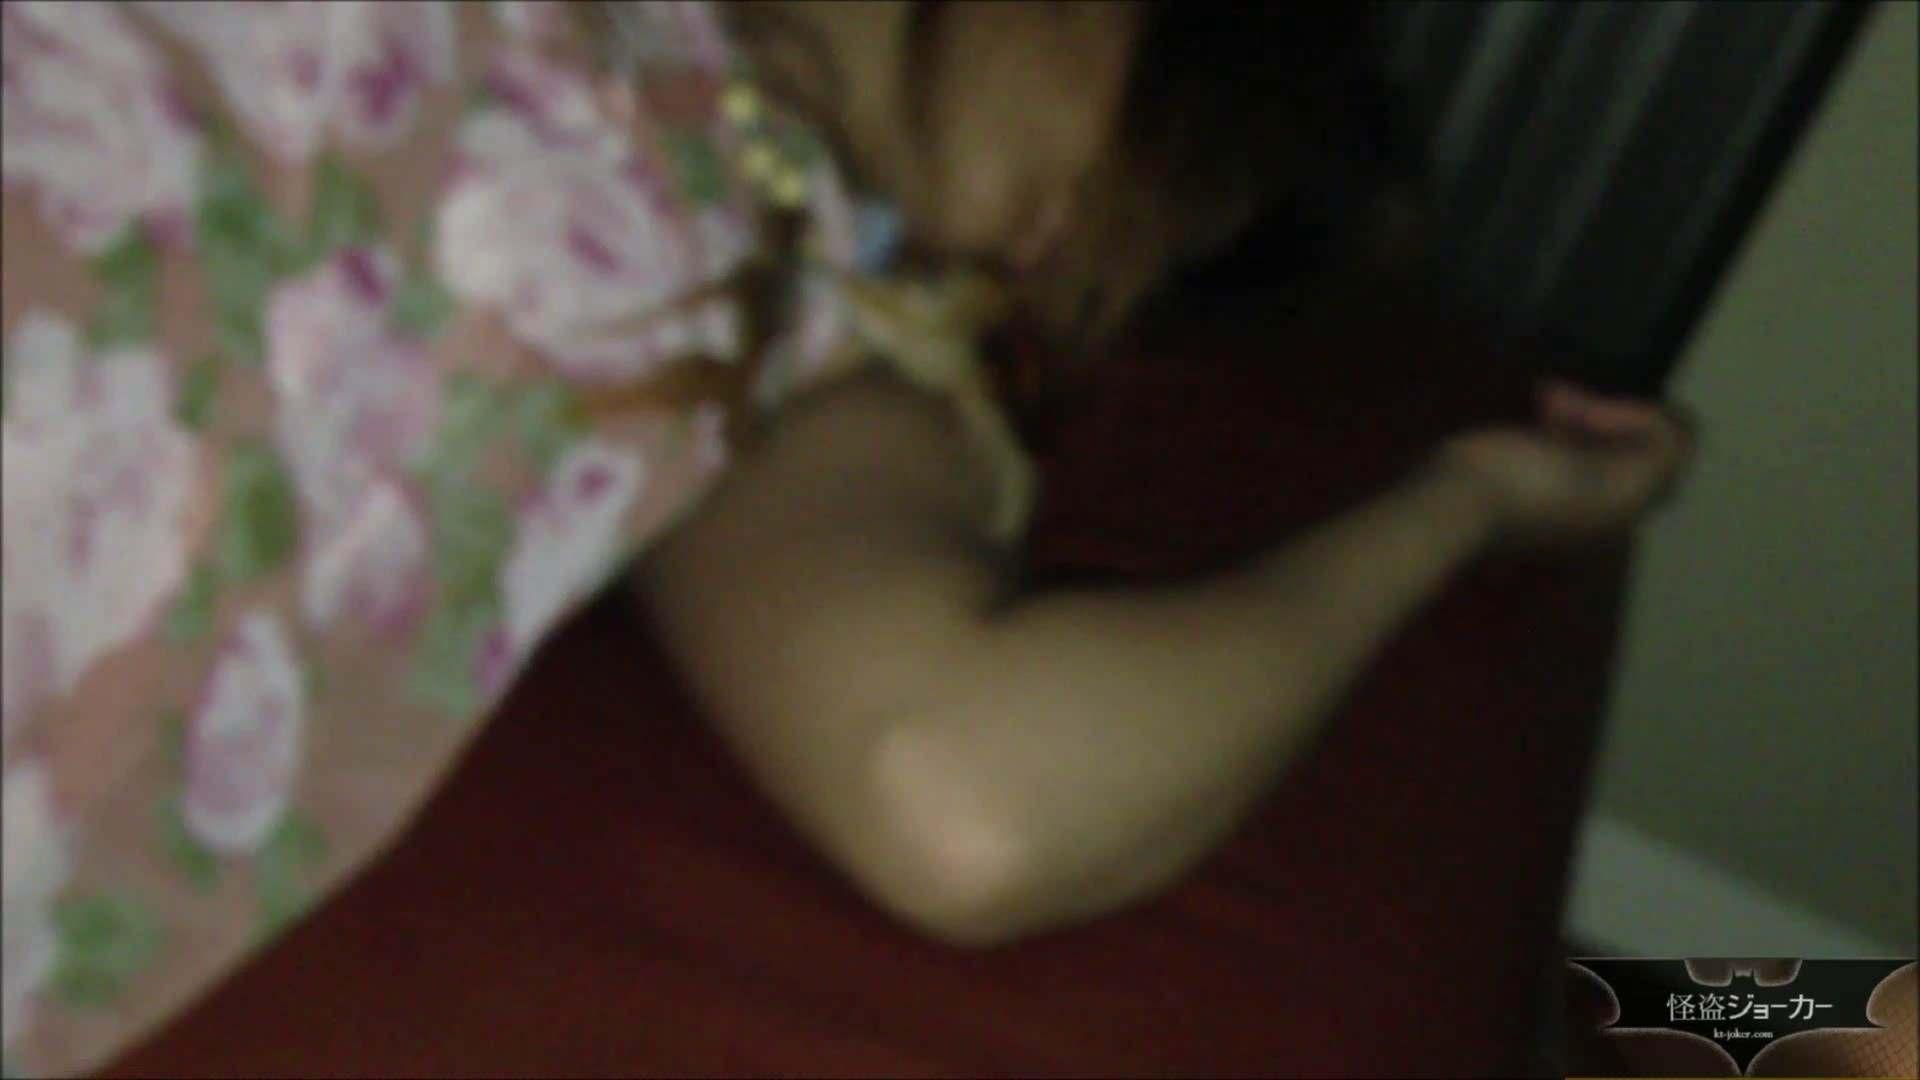 【未公開】vol.68{BLENDA系美女}UAちゃん_甘い香りと生臭い香り OL女体  88連発 20